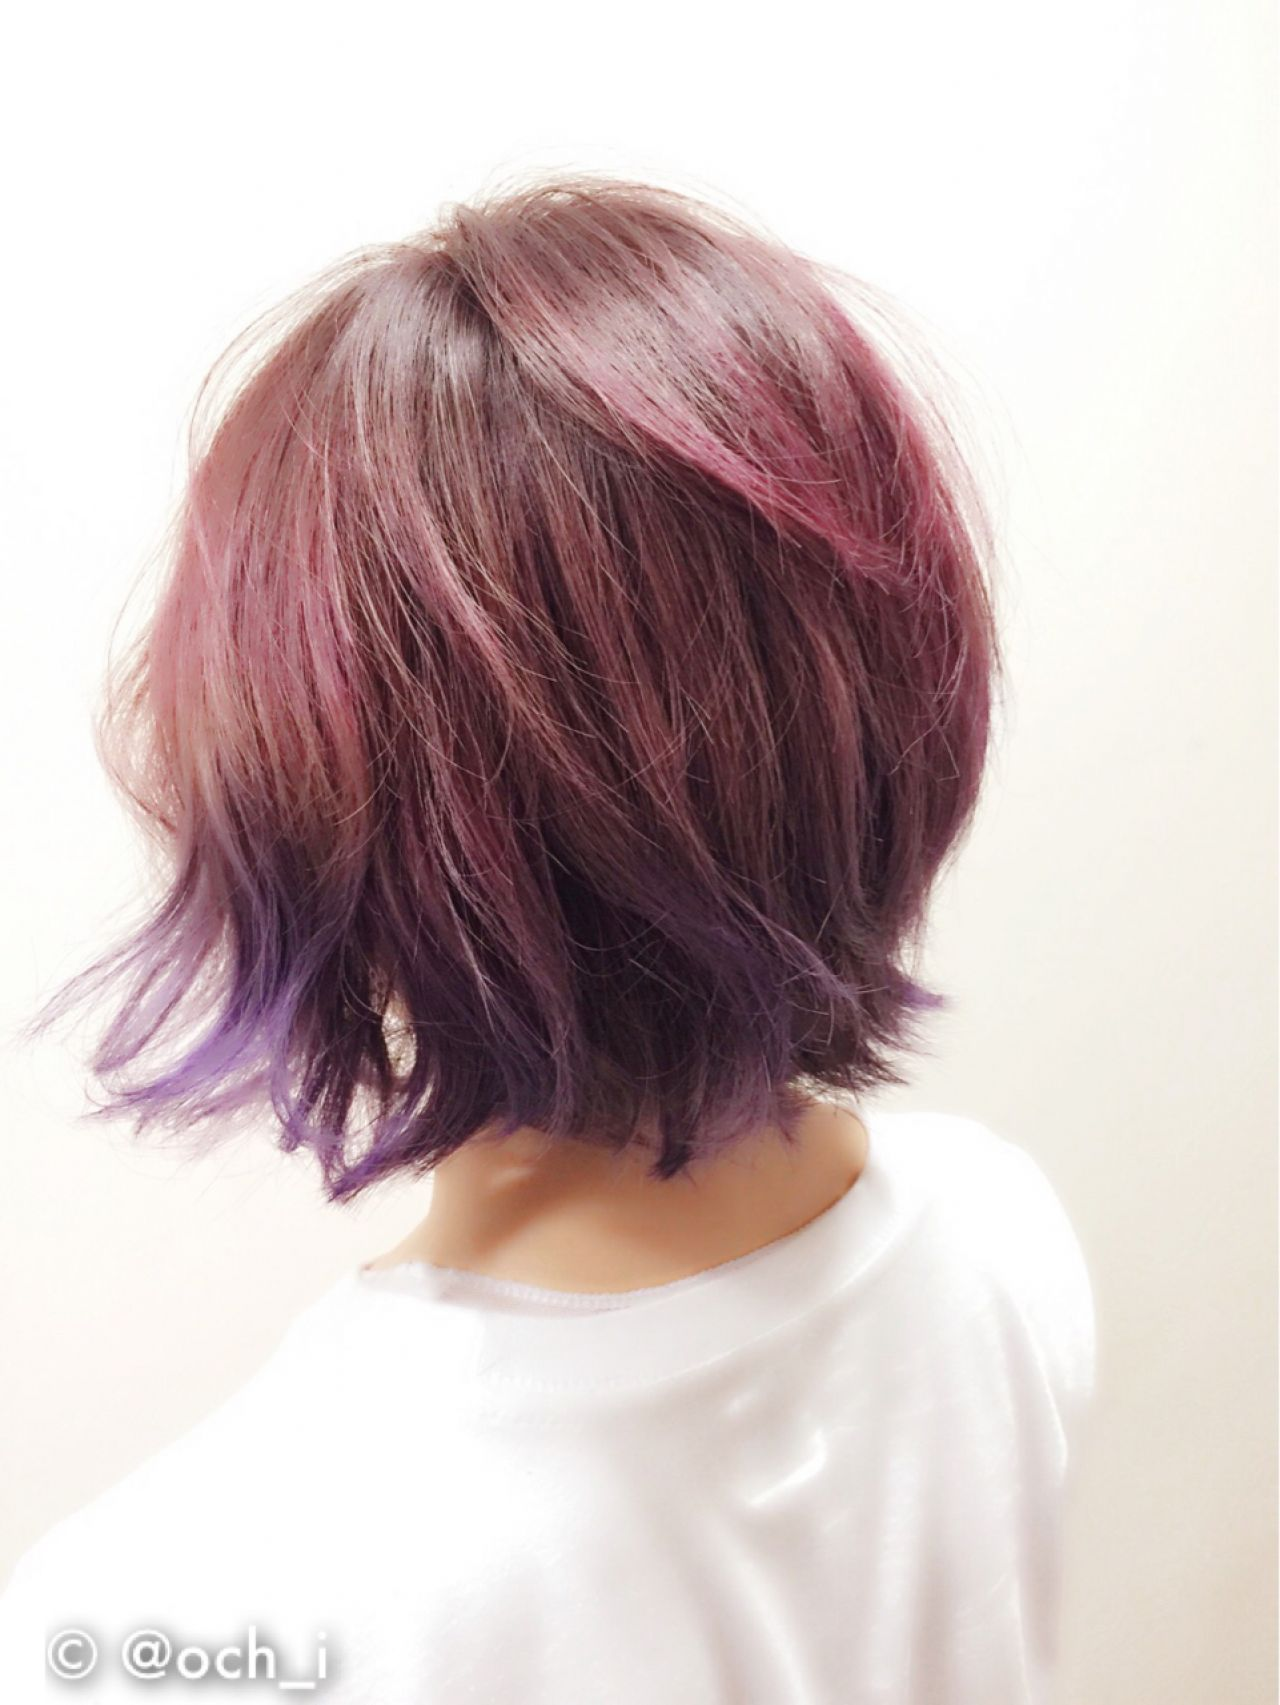 髪を傷ませずに染める方法?!セルフカラーで派手髪ちゃんに大変身♡ @och_i / allys hair